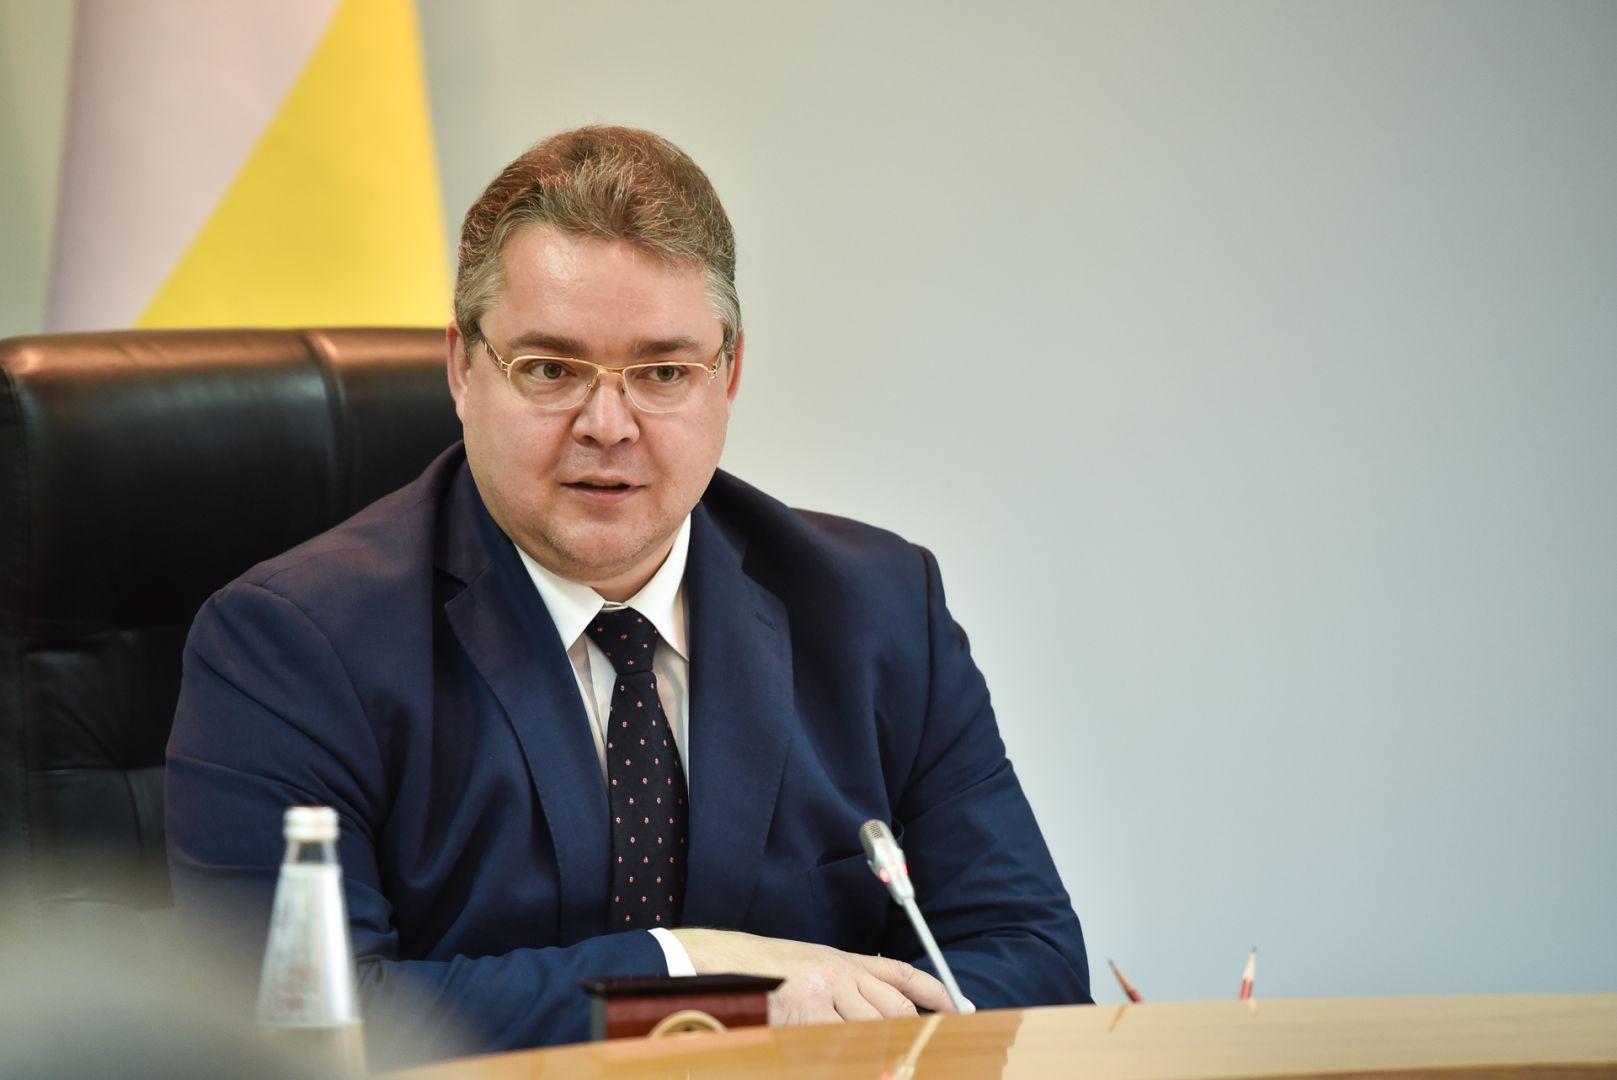 Ставрополье готовится к новому этапу программы благоустройства